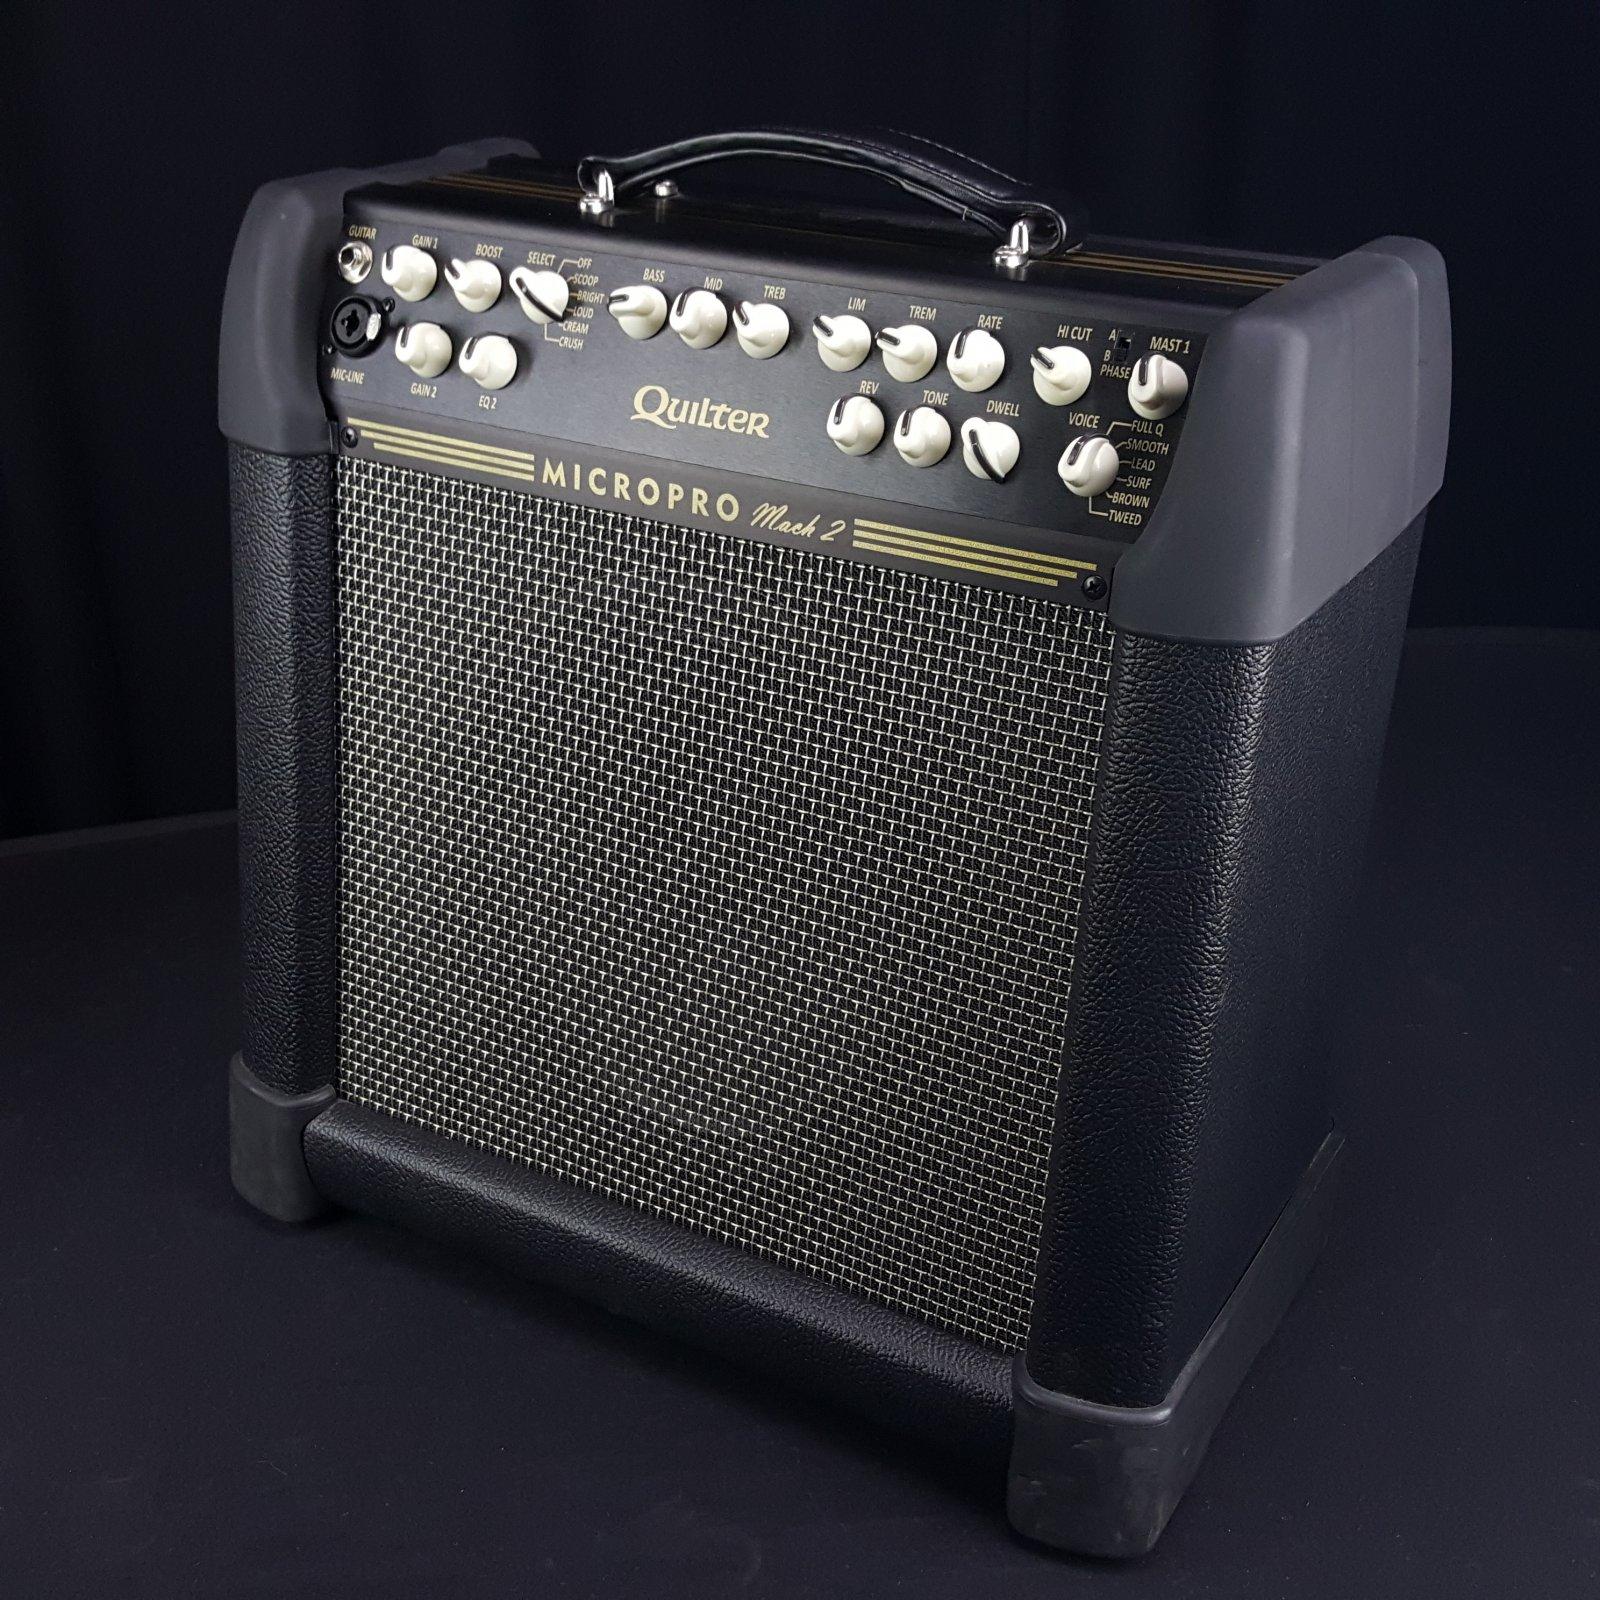 Quilter MicroPro 200 Mach 2 Combo Guitar Amplifier 10 Speaker